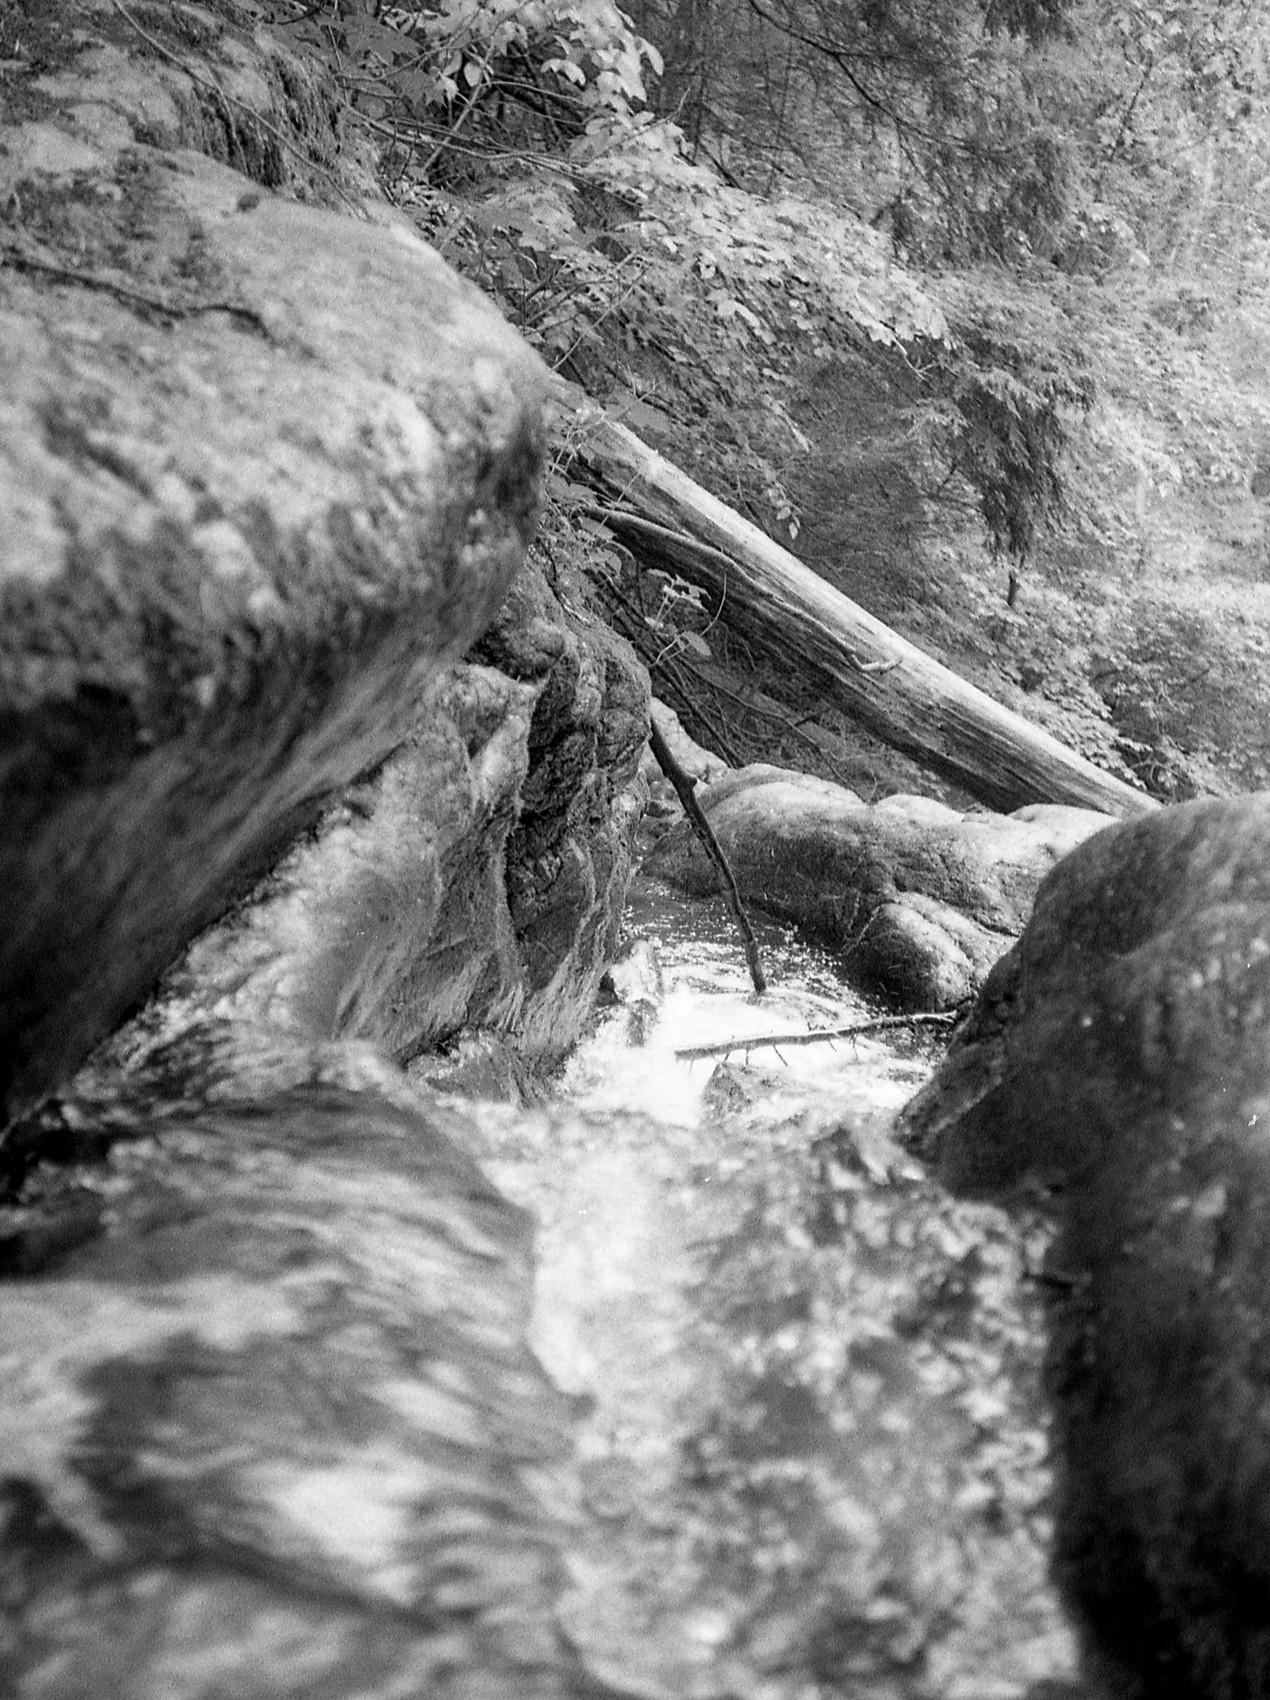 Water rushing towards a waterfall.